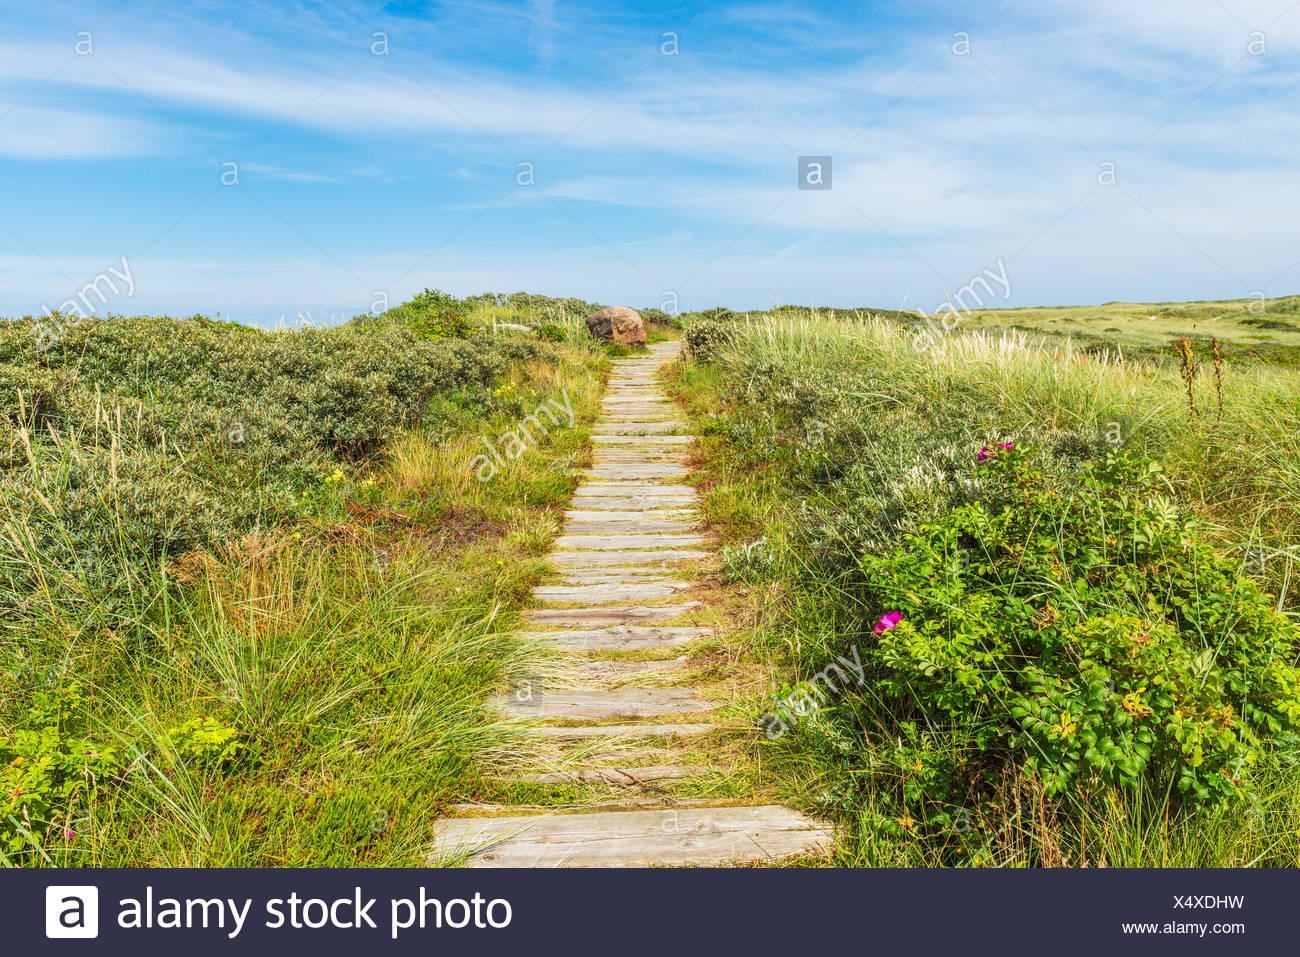 Wooden Planks Path Dune Landscape, Thyborøn, Midtjylland, Denmark - Stock Image